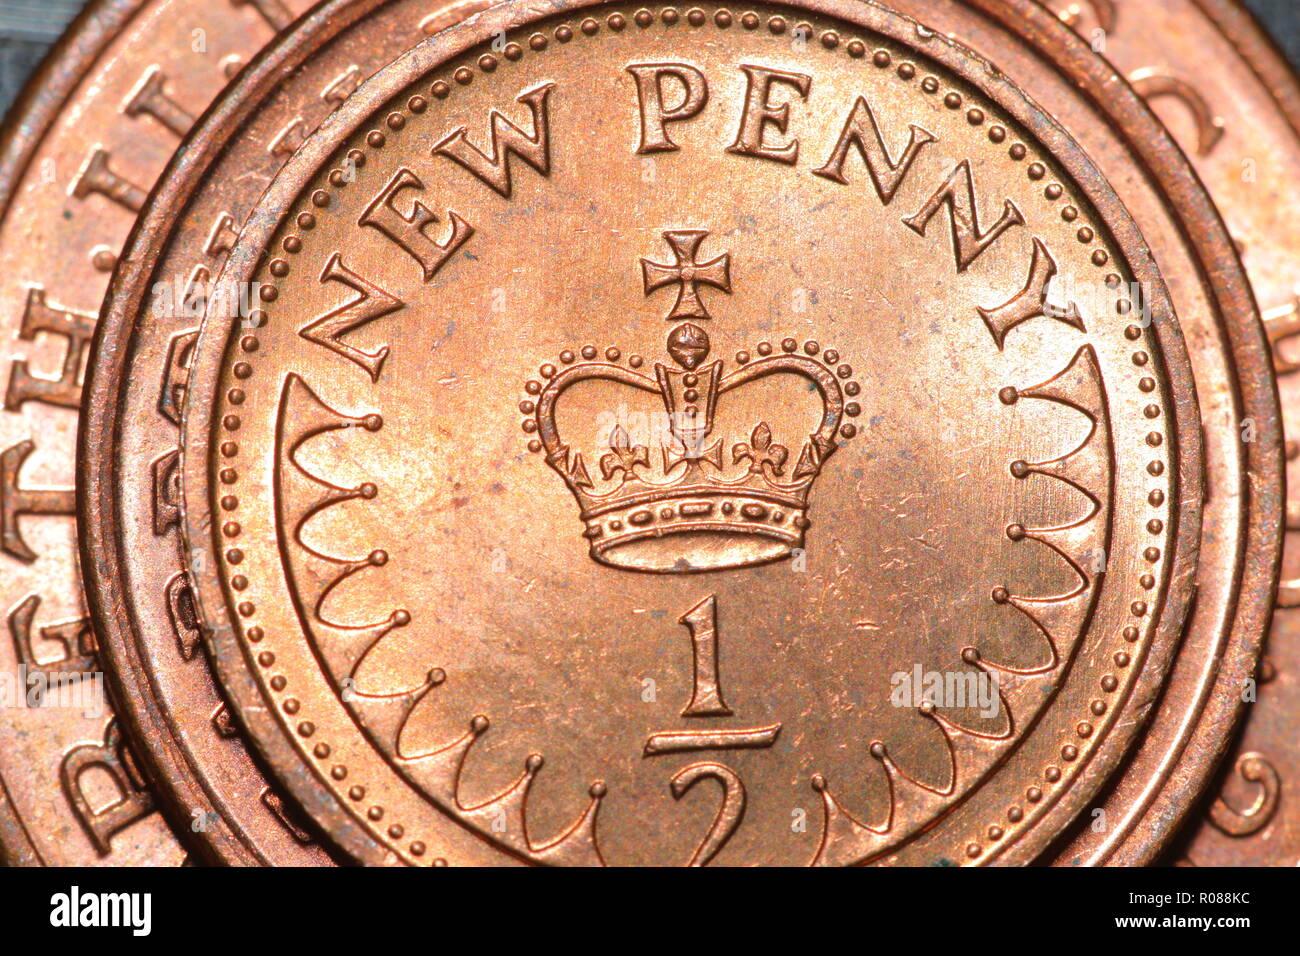 Größe Vergleich Der 12 Cent 1 Cent Und 2 Cent Münzen Stockfoto